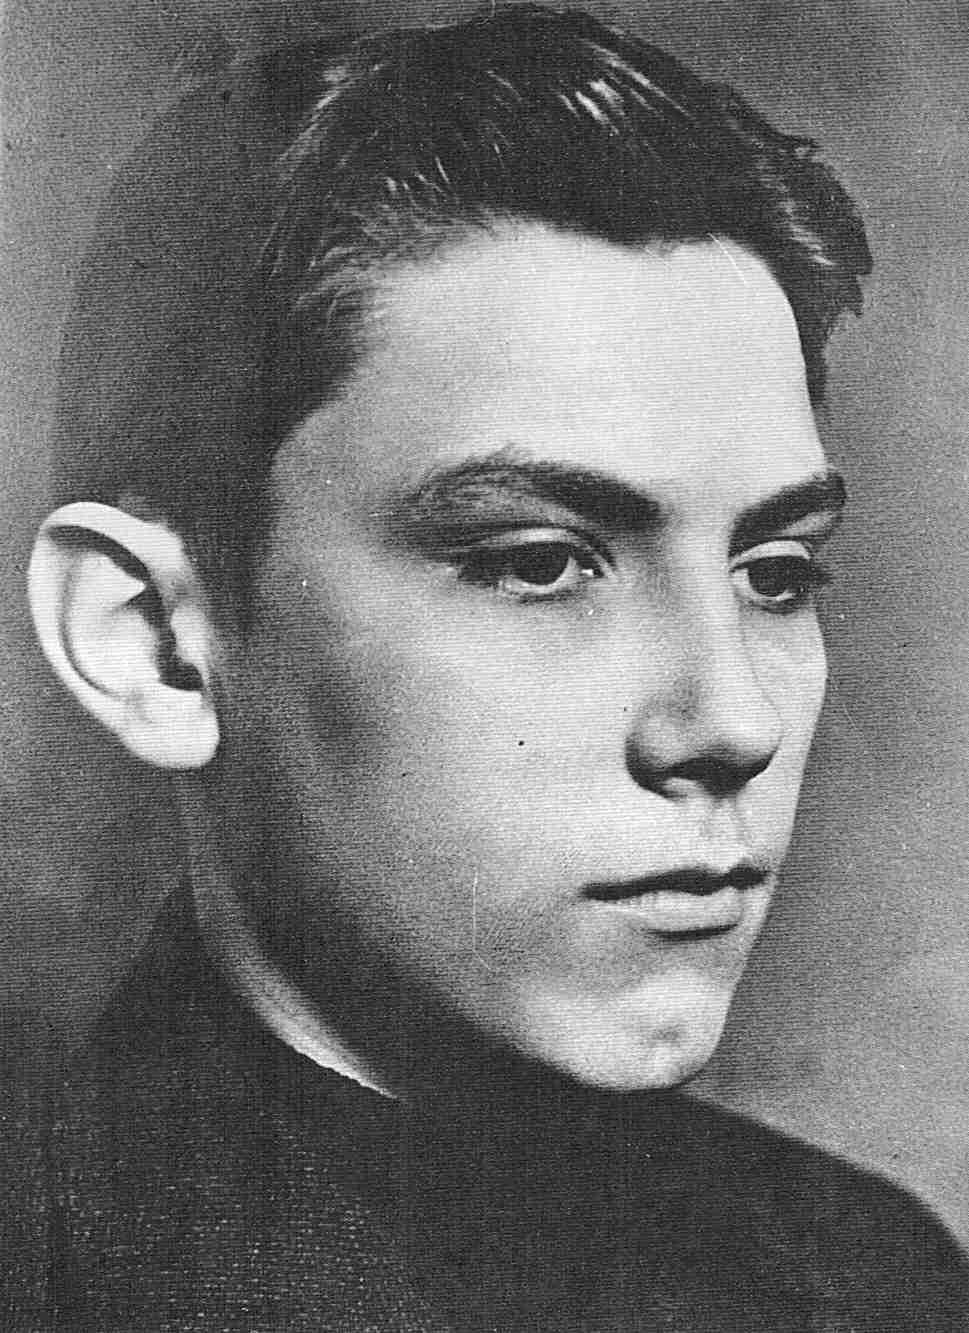 Edelweisspirat Kurt Piehl im Alter von 16 Jahren.